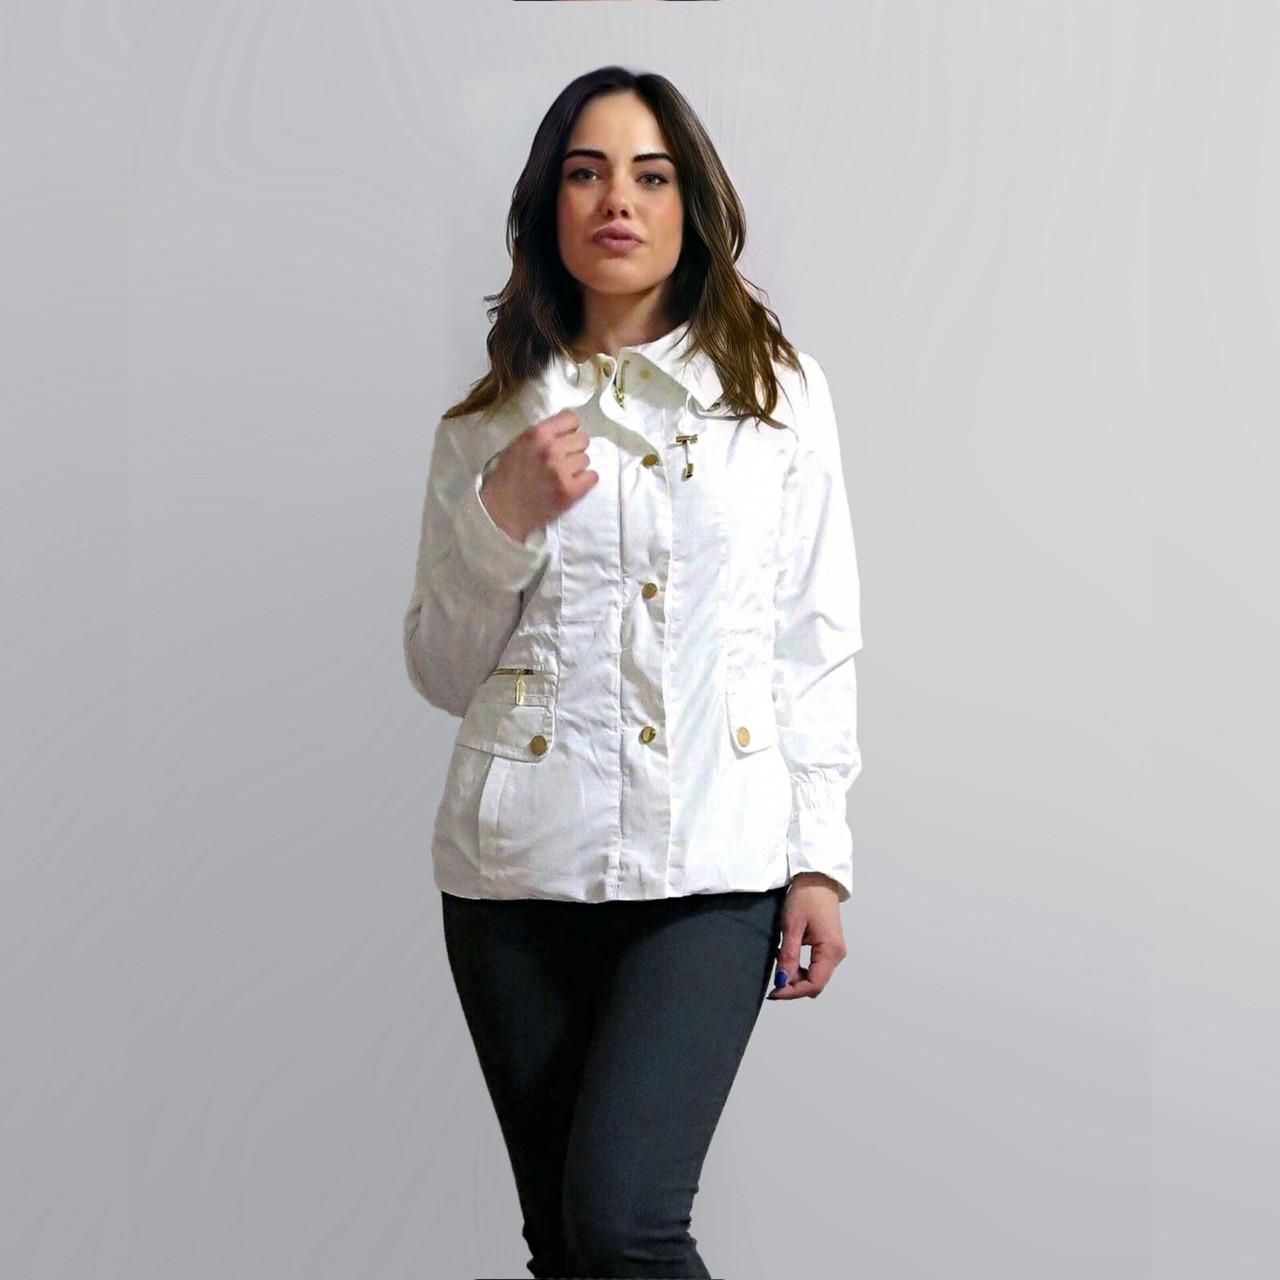 Стильный Пиджак Блейзер Белого цвета. В наличии S, M